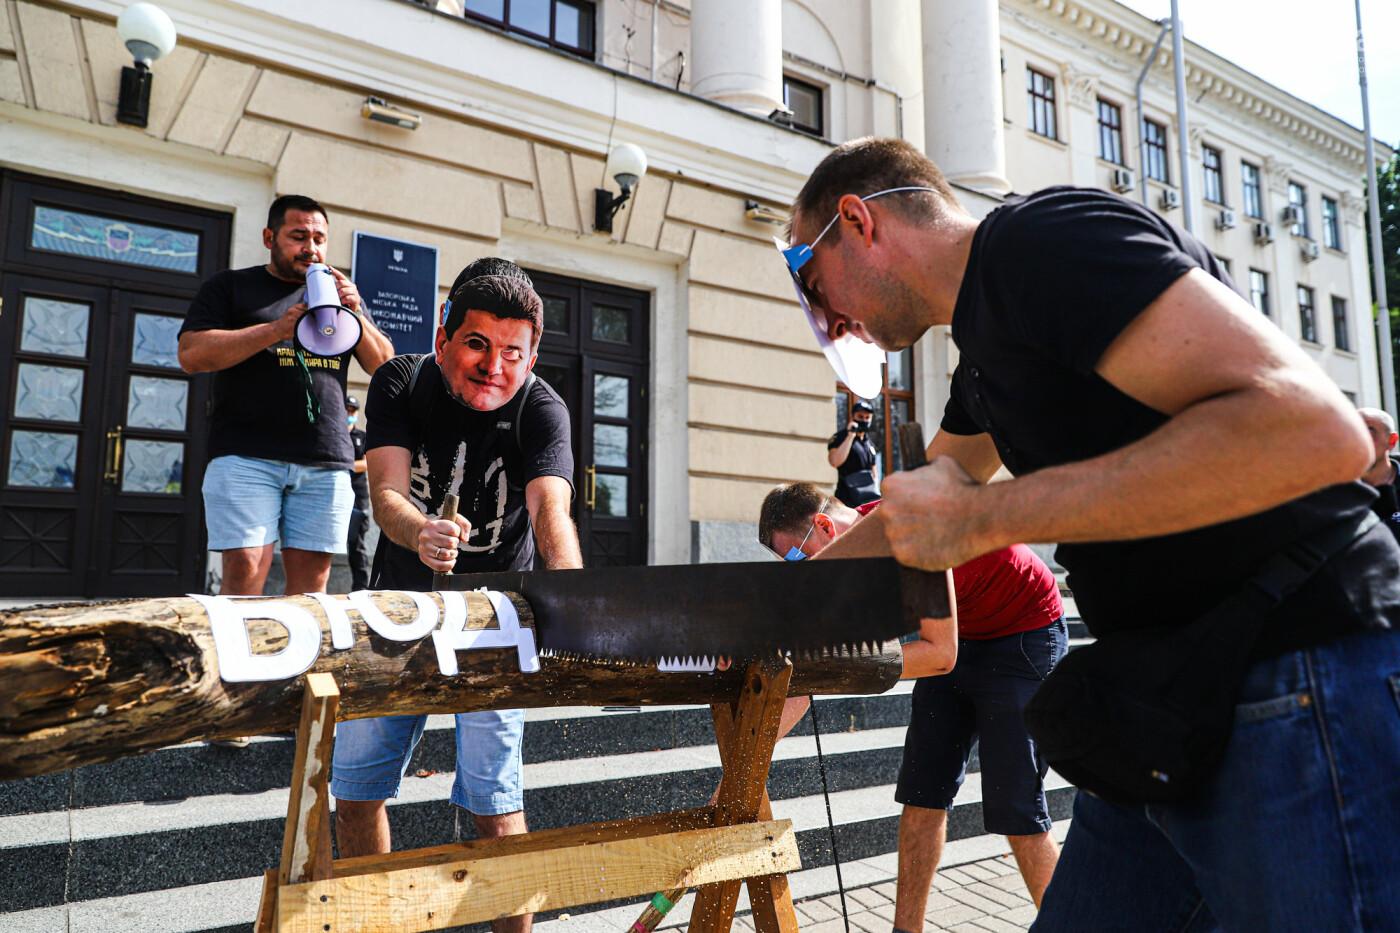 С пилами и в масках: в Запорожье возле мэрии активисты показали, как распиливают городской бюджет, - ФОТОРЕПОРТАЖ, фото-12